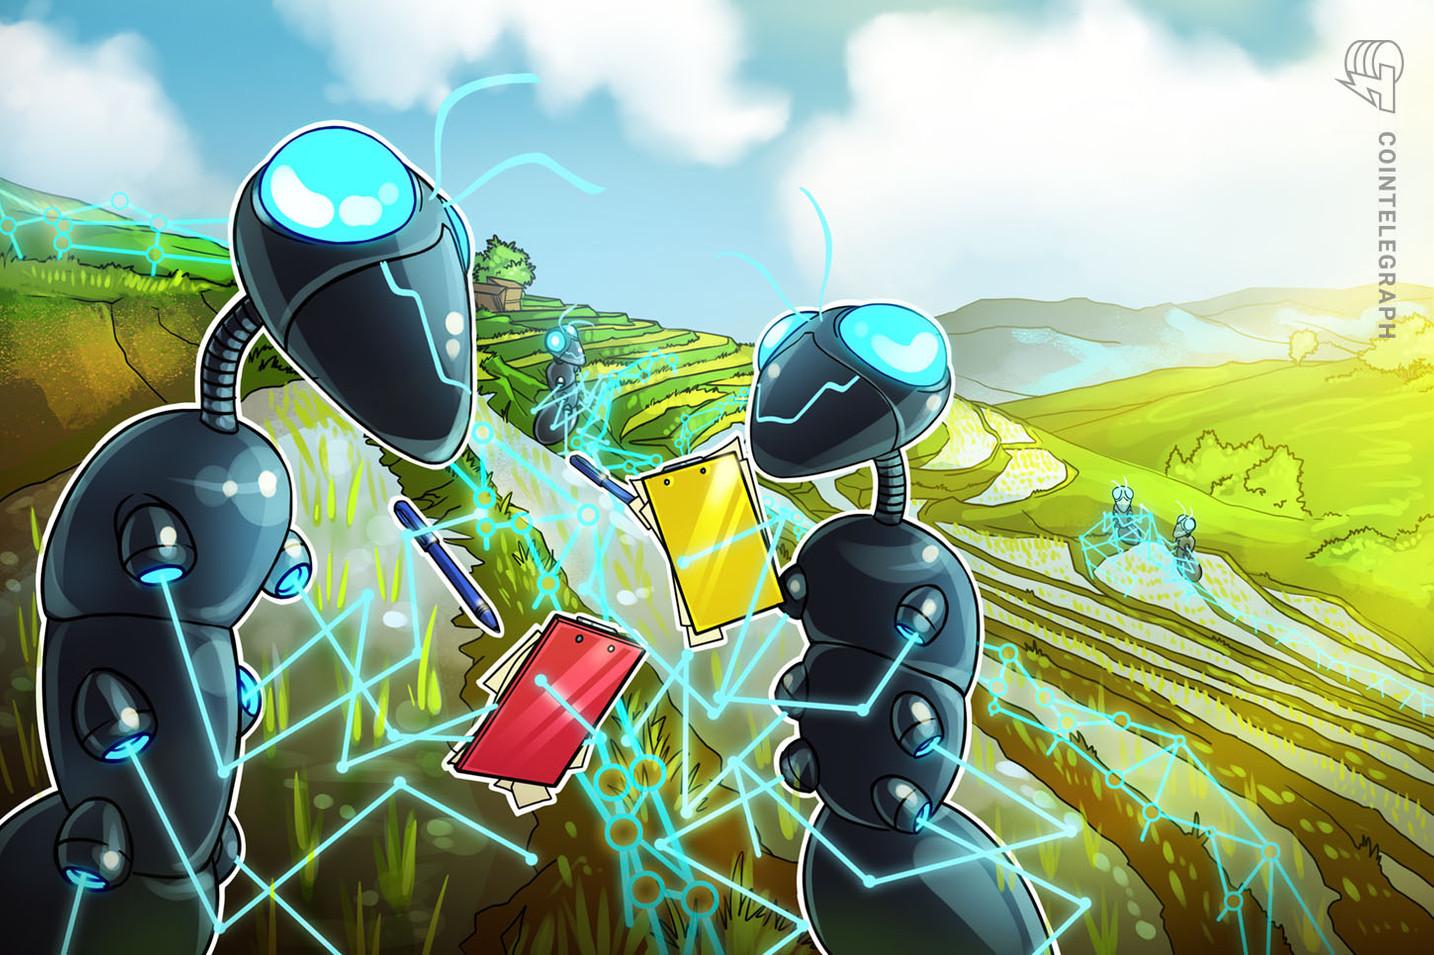 La escasa infraestructura les impide a los agricultores aprovechar las ventajas de la blockchain